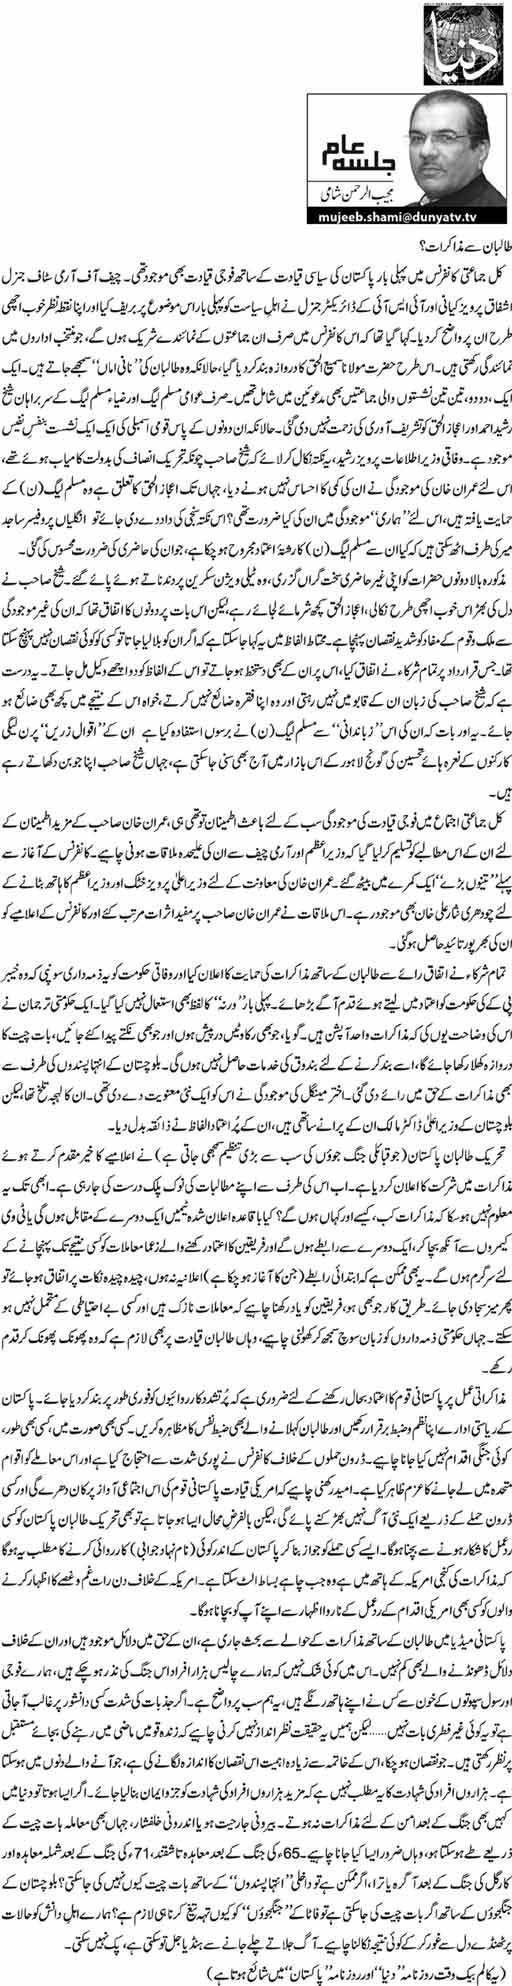 Taliban Se Muzakrat? - Mujeeb ur Rehman Shami